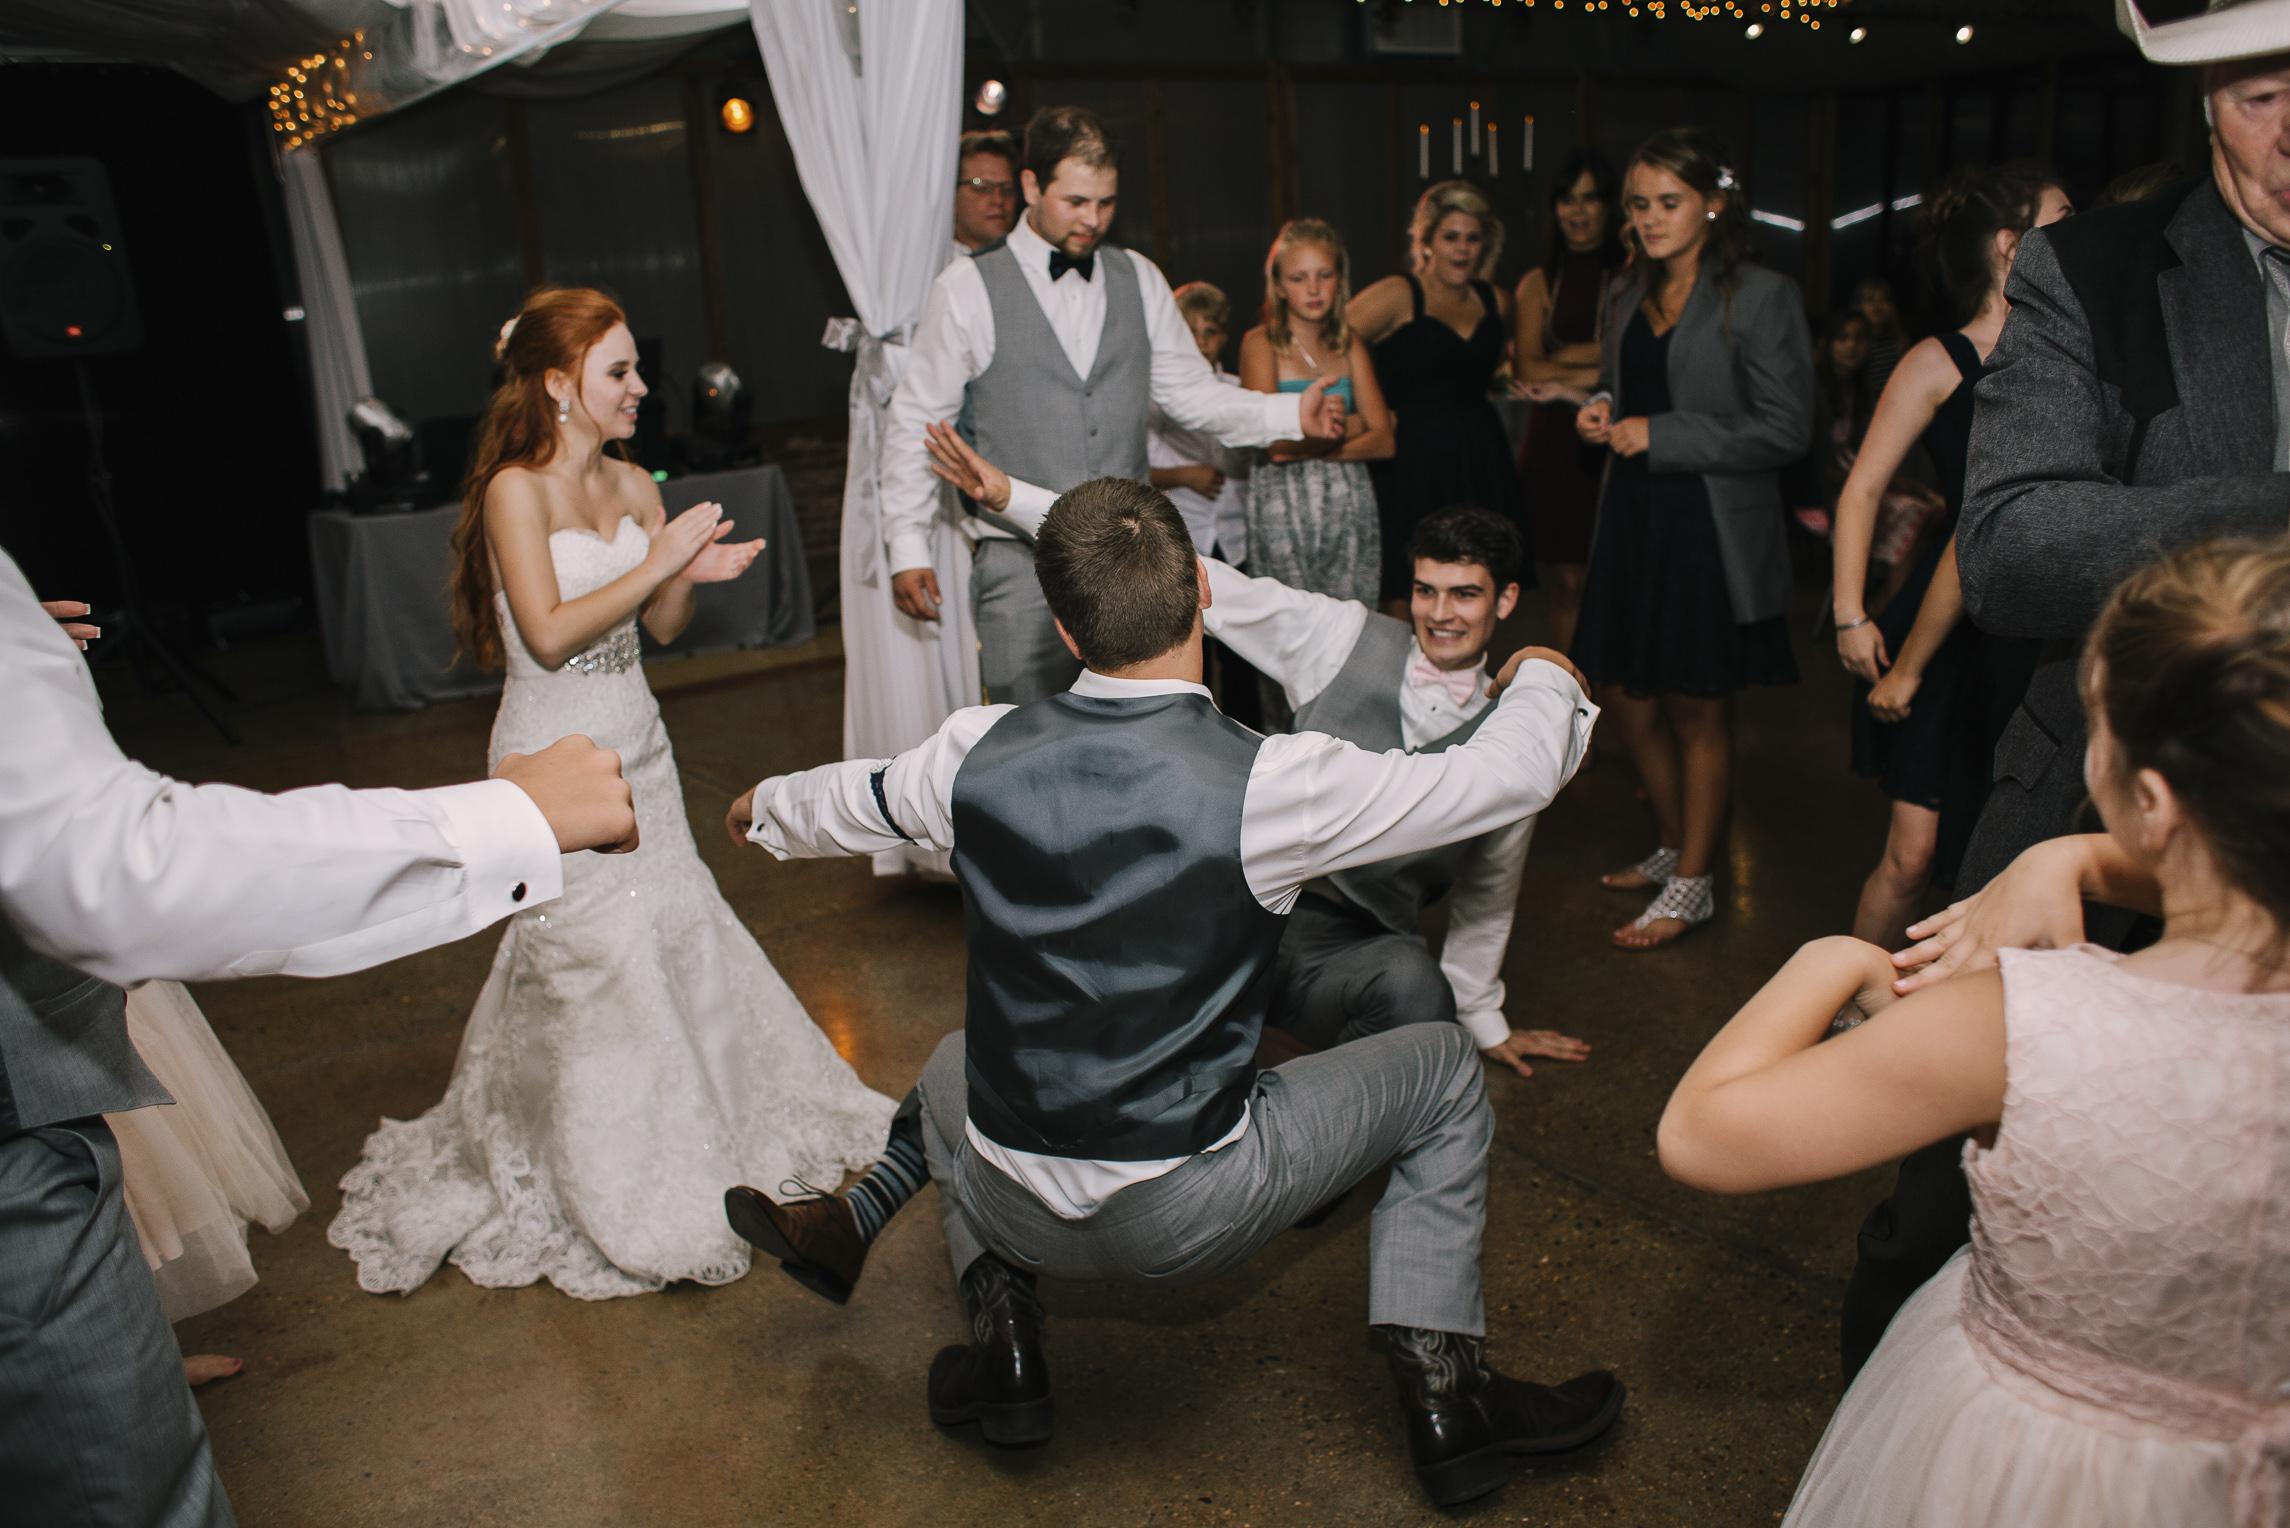 web sized images -- no to print --CALVIN & MCKYLEY WEDDING PHOTOS - COLORADO PHOTOGRAPHER - DEBI RAE PHOTOGRAPHY-2637.jpg